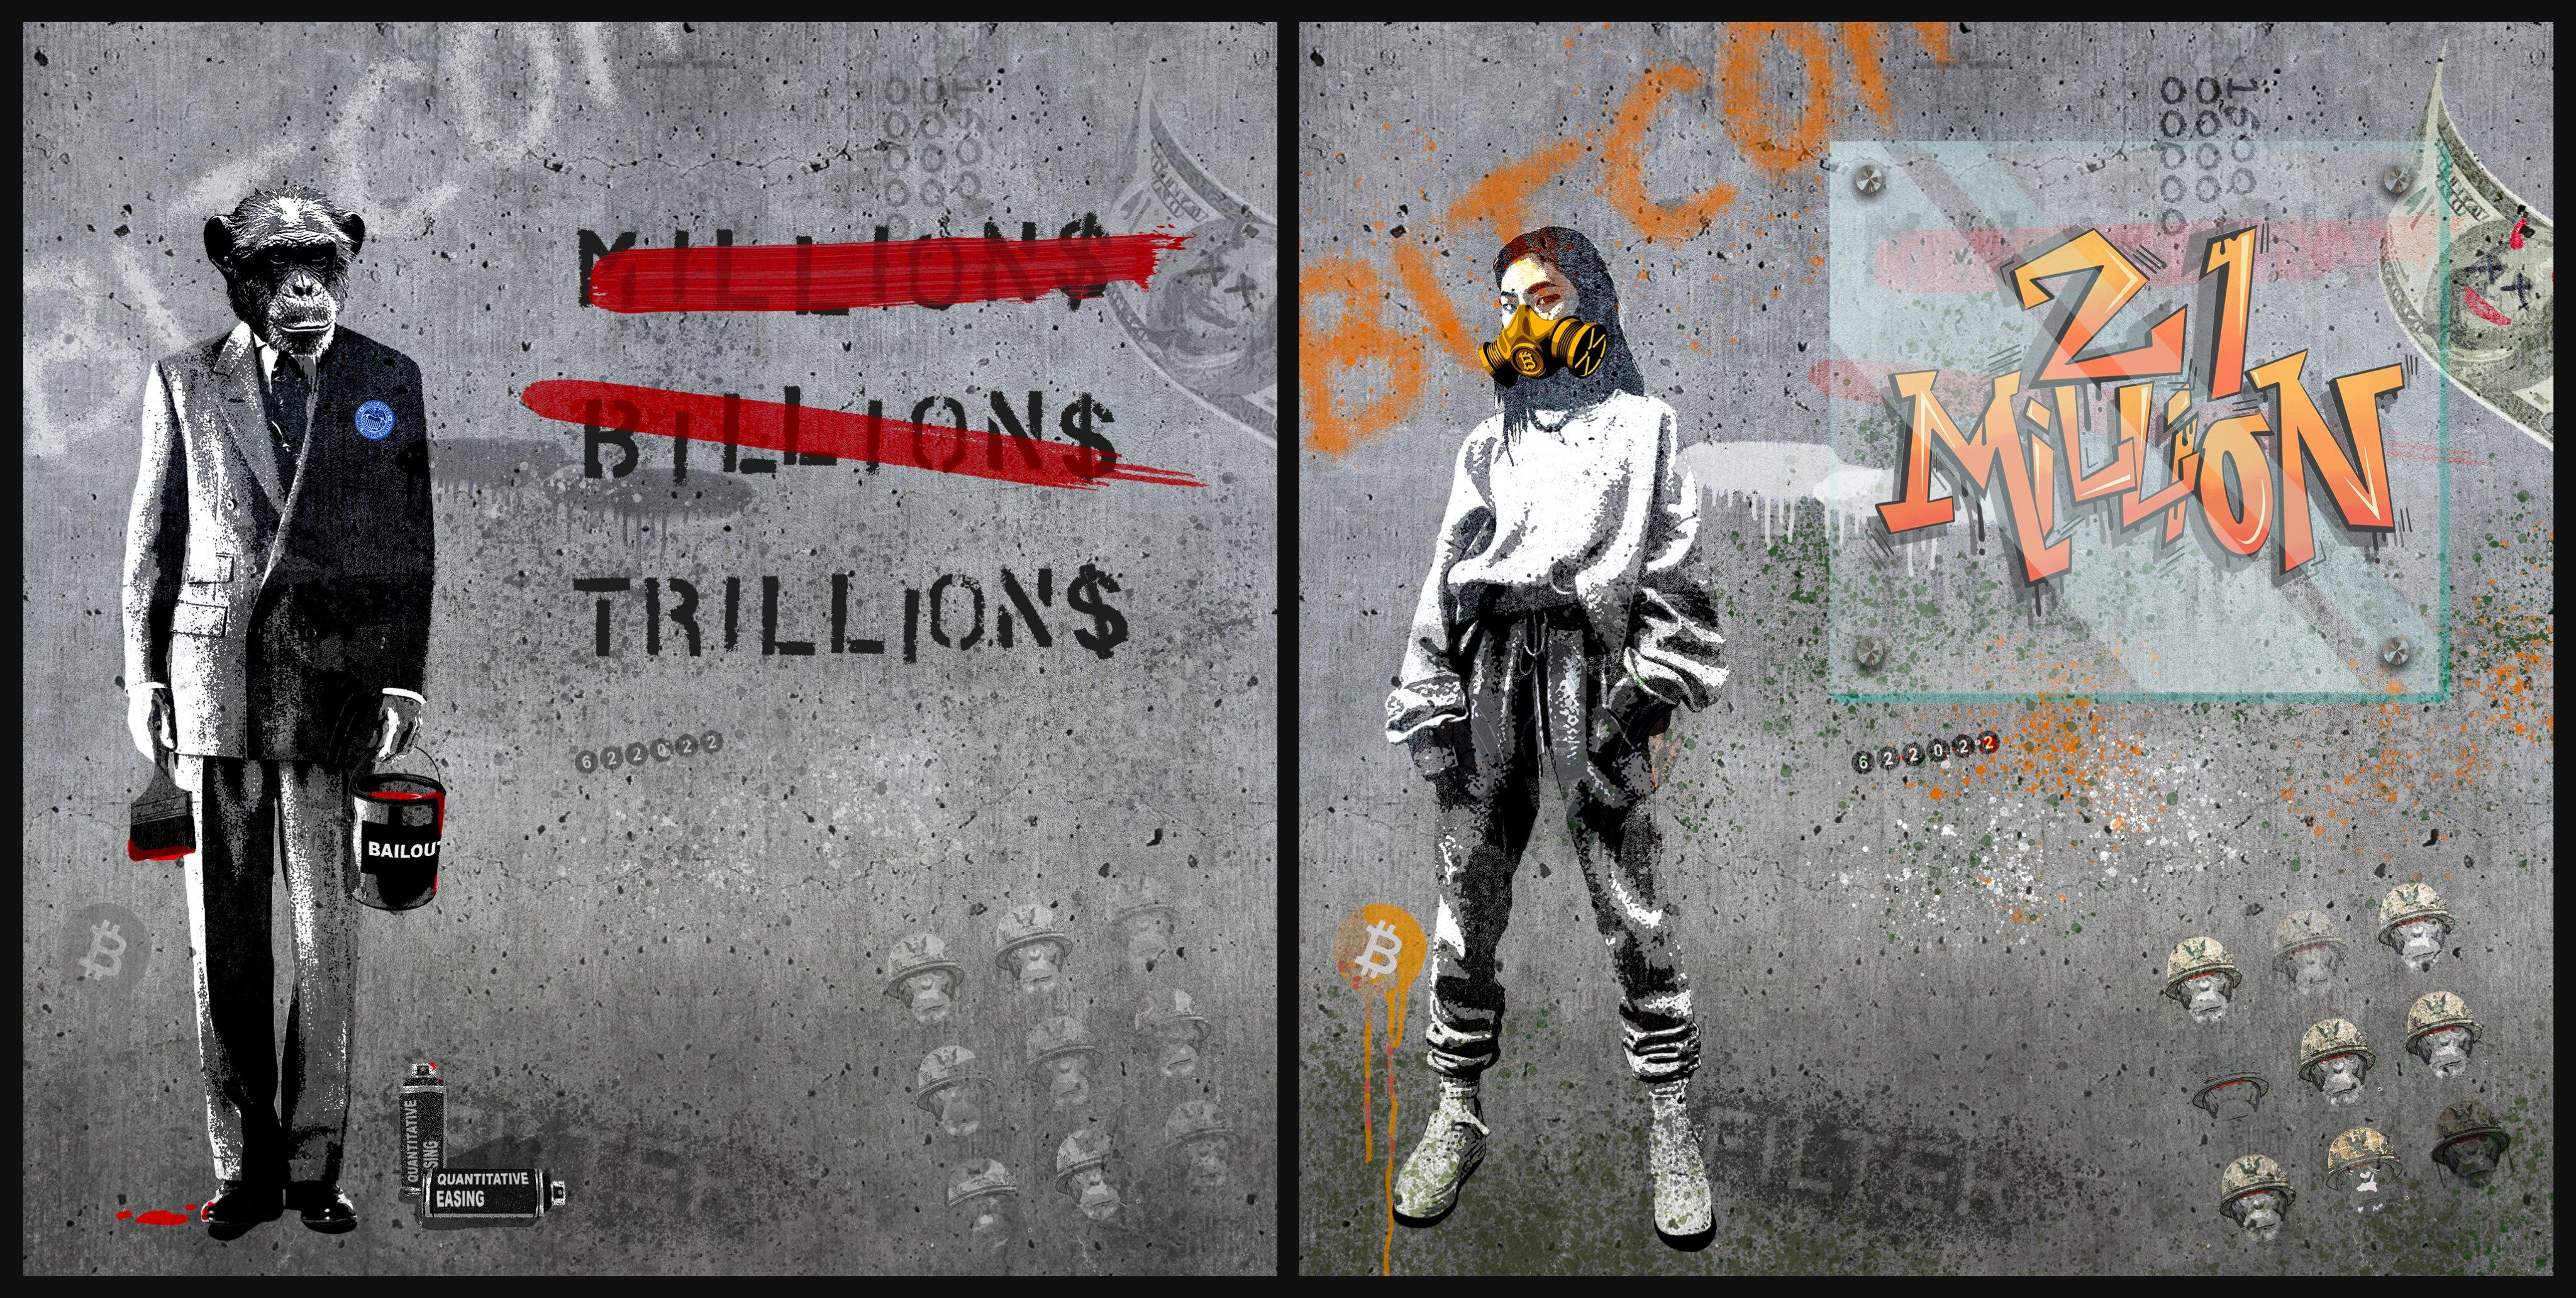 Trillions Bailout